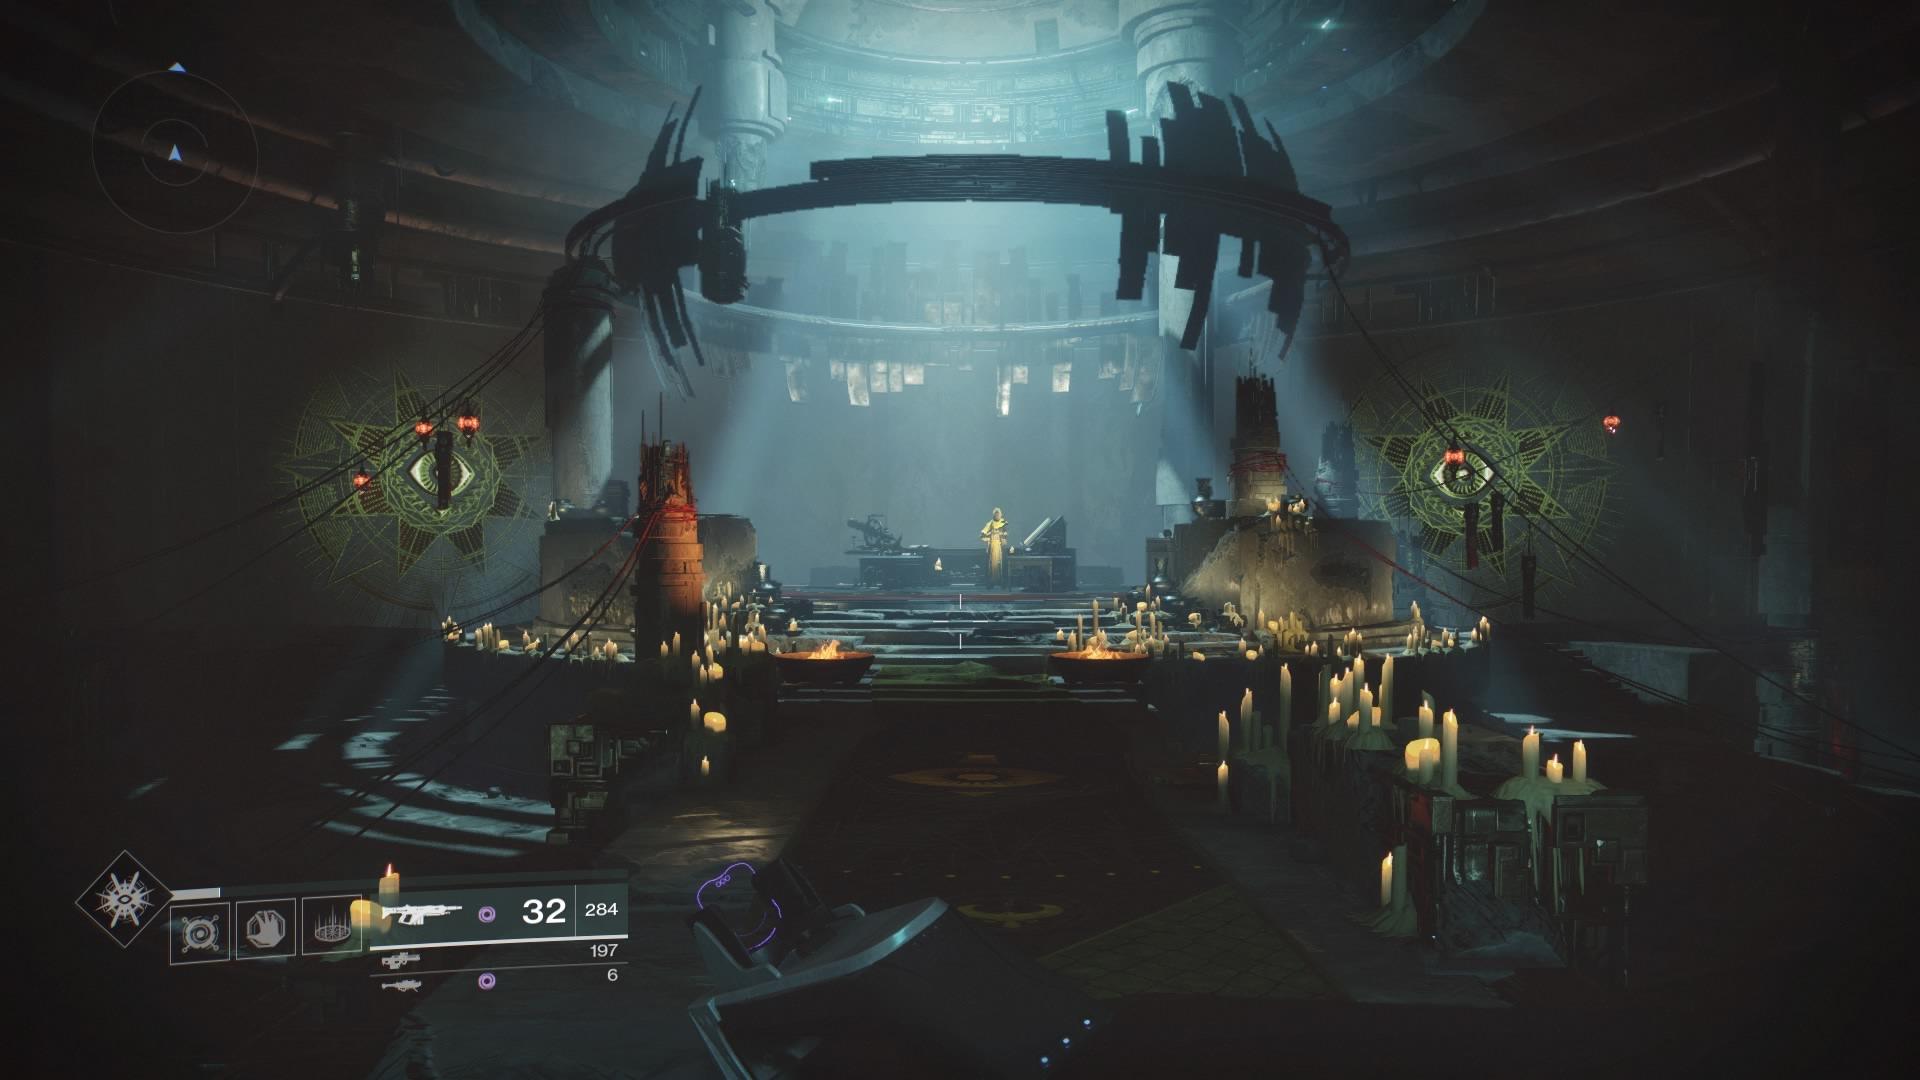 Destiny 2 20171205194603 - Recensione Destiny 2: La Maledizione di Osiride